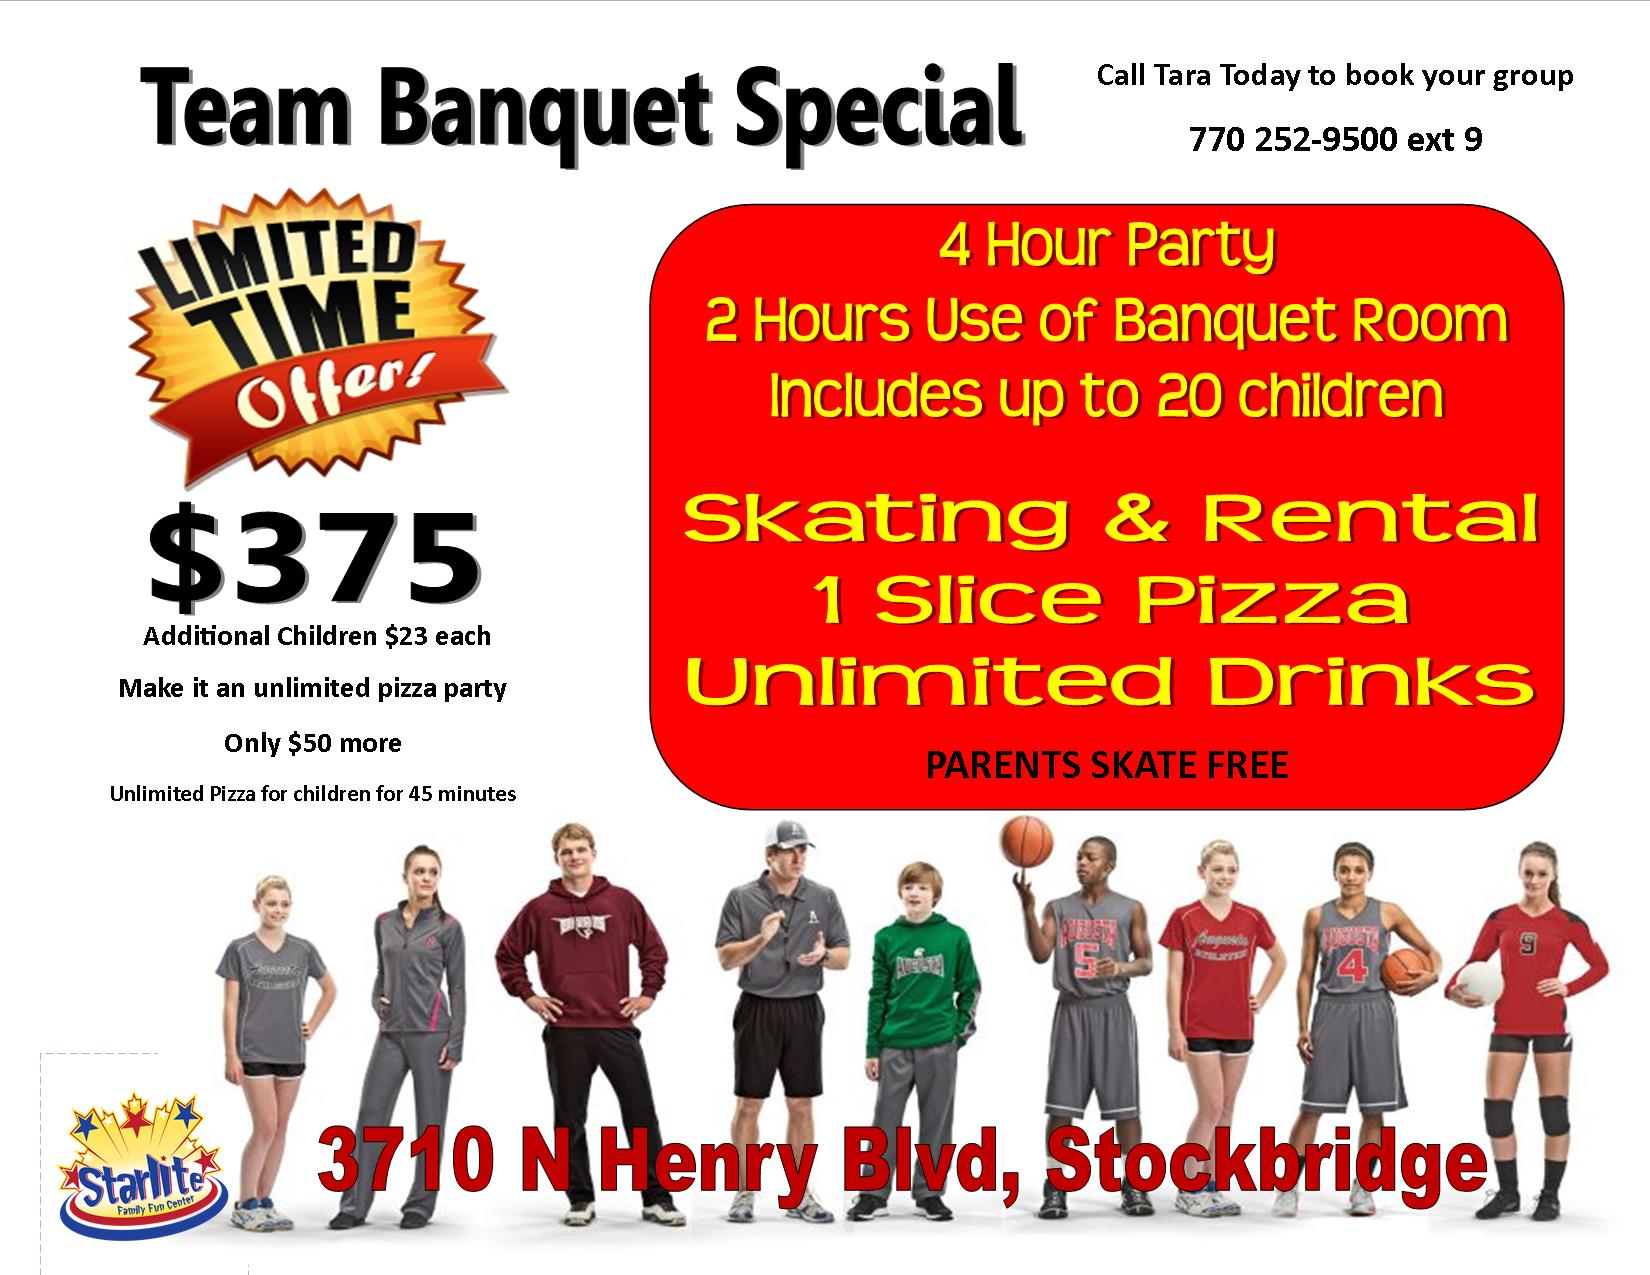 team banquet special stockbridge